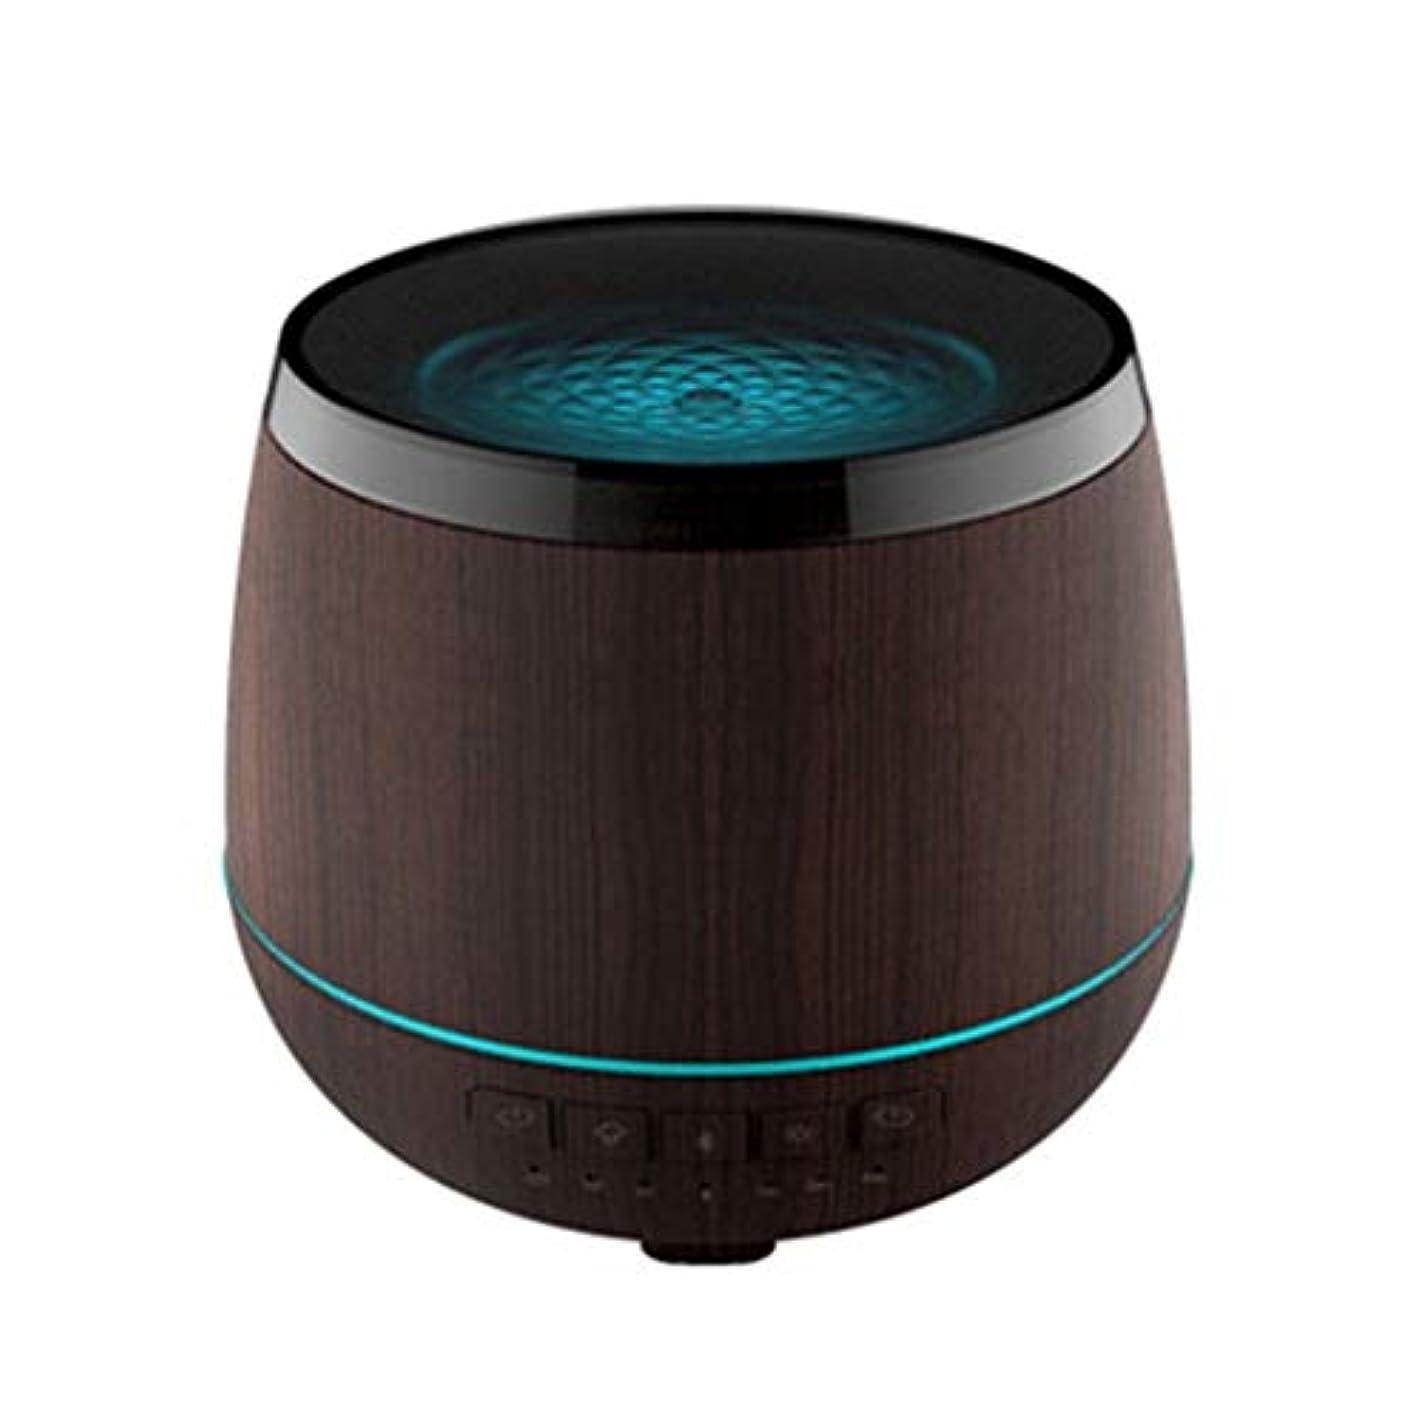 クモマーカー令状スマートなブルートゥースのスピーカーの加湿器、可聴周波超音波炉の必要な夜ライト無言の本社 (Color : Black)